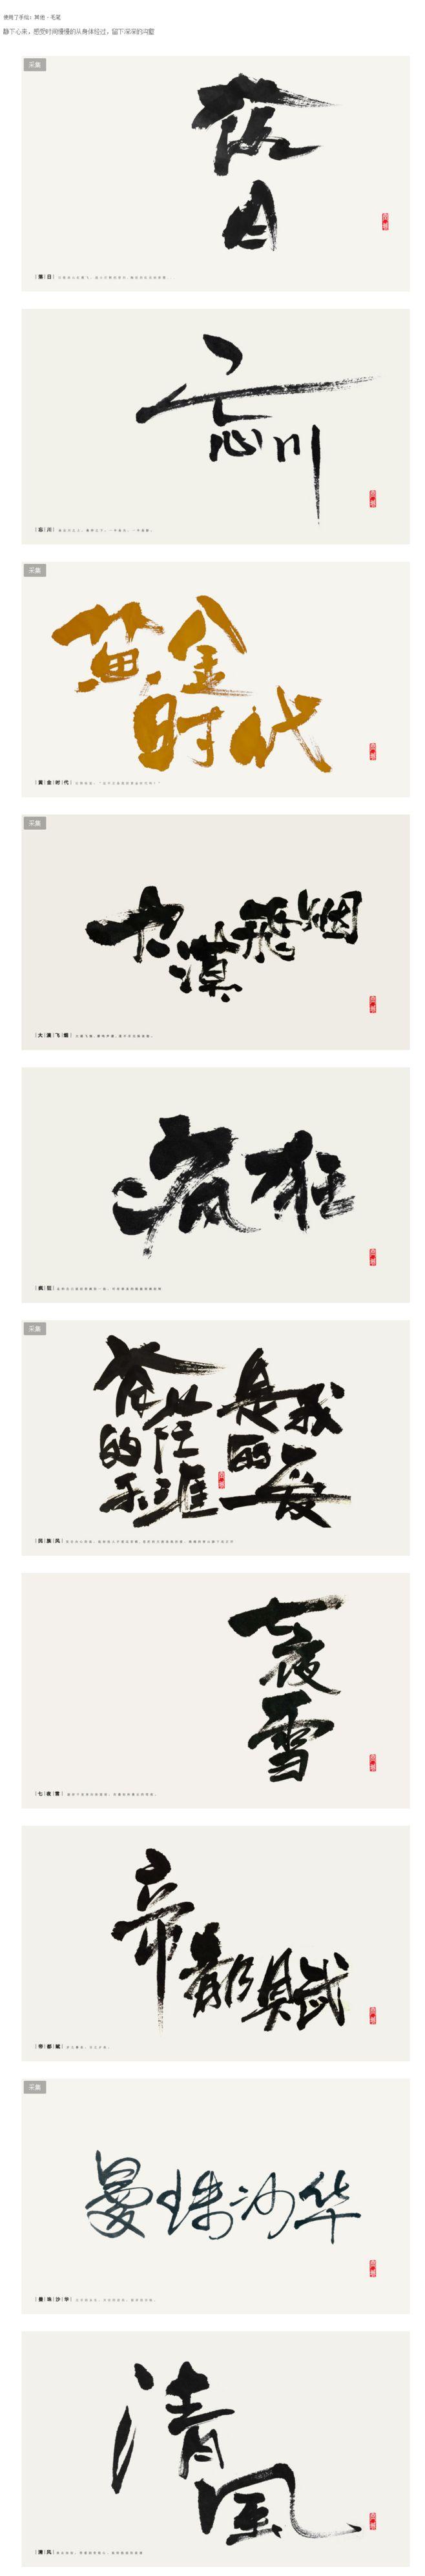 < 粗犷 > 疯狂着 、细腻着|字体/字...@LeungSan采集到字体设计(106图)_花瓣平面设计